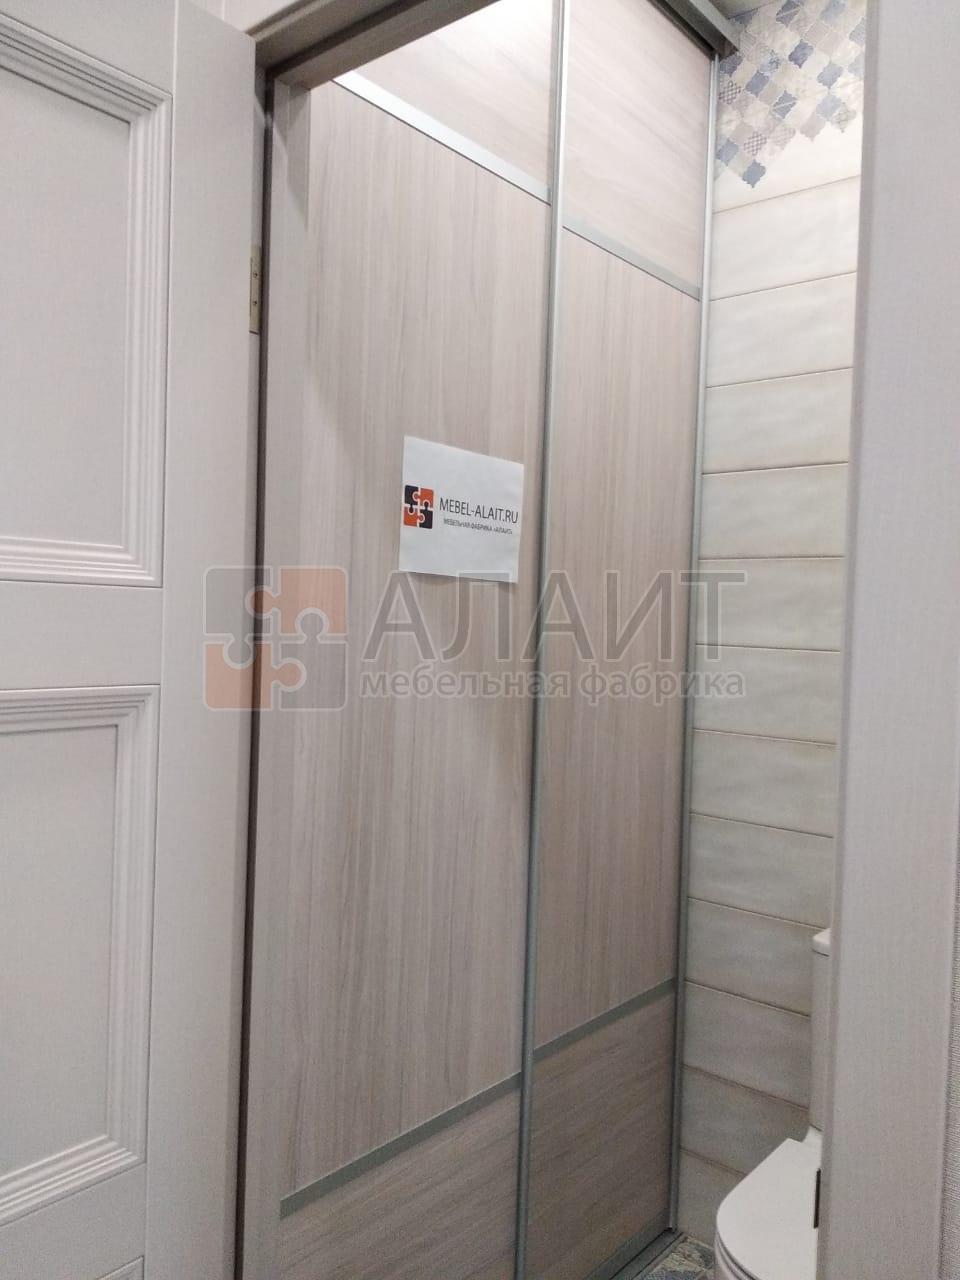 шкаф-купе двухдверный в ванную